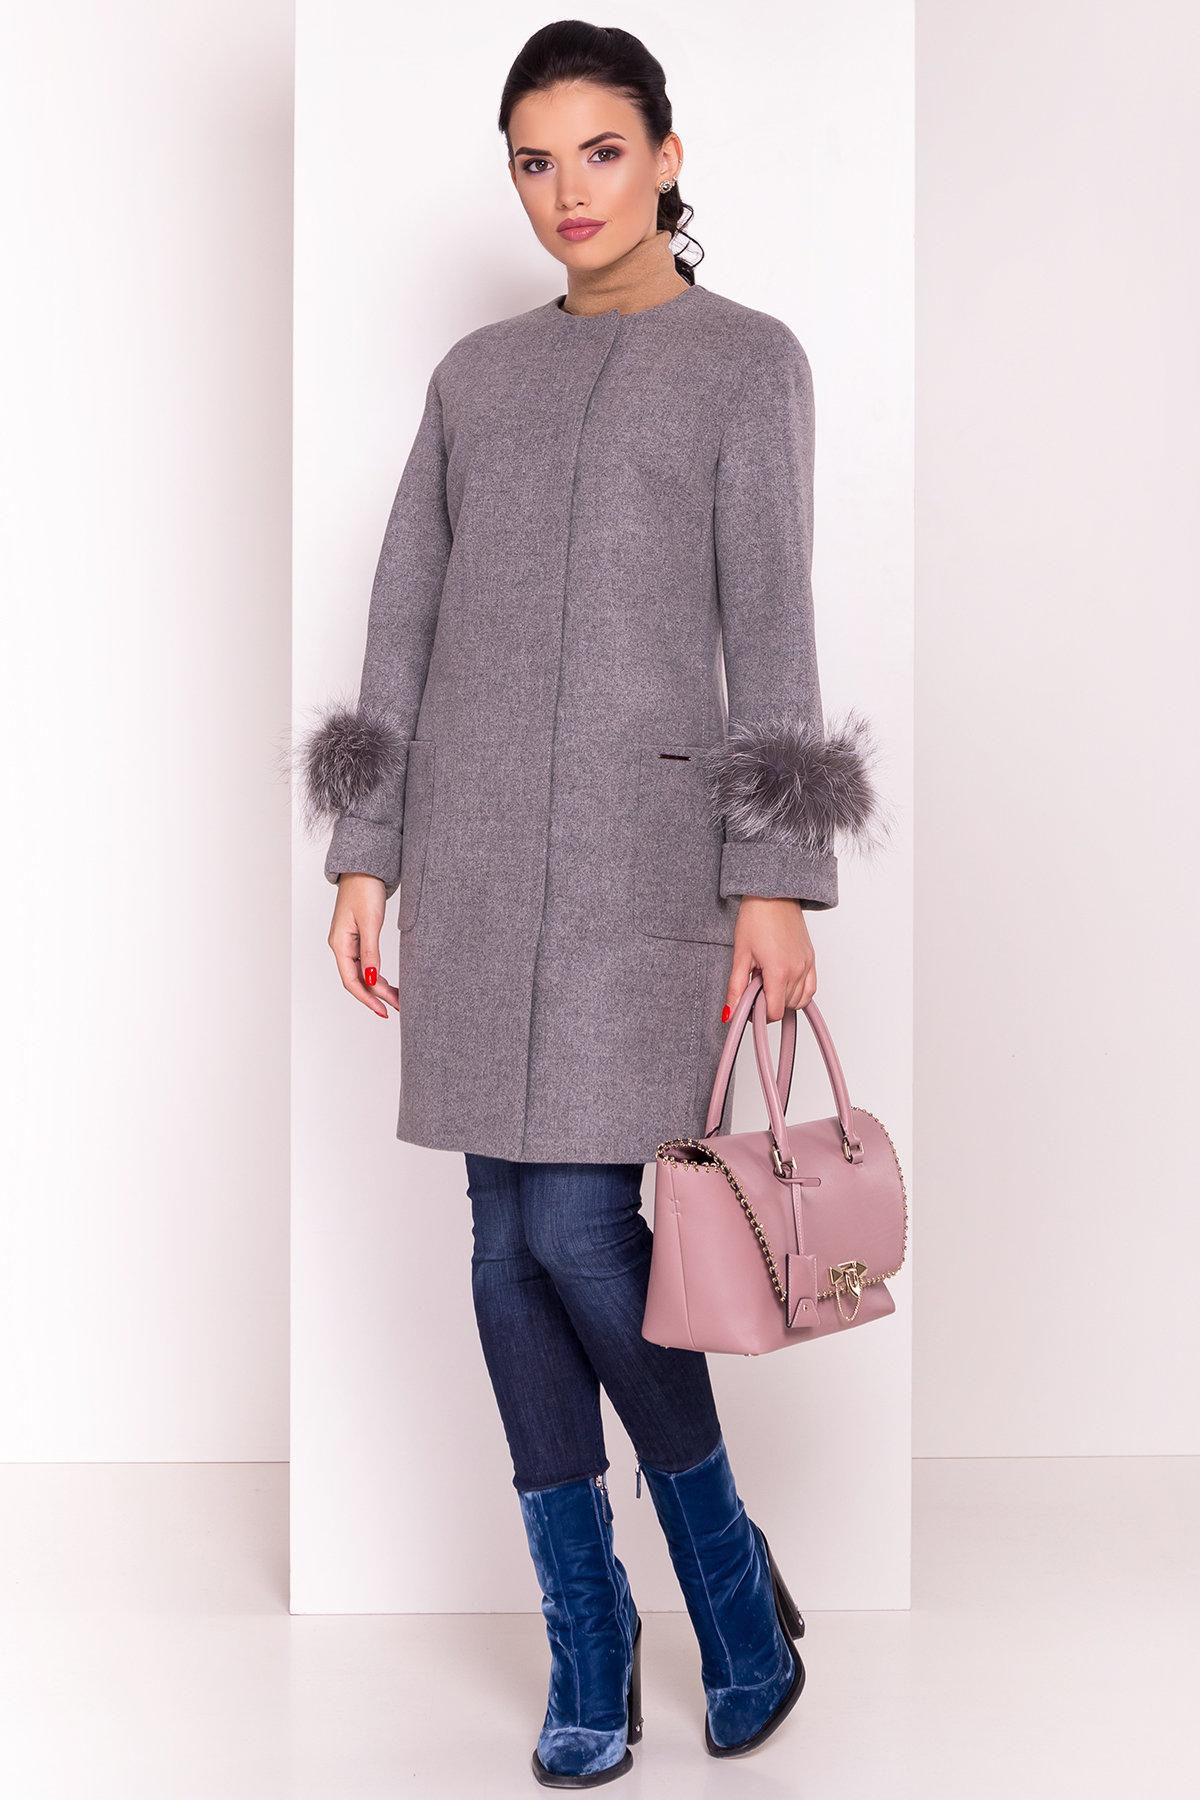 Пальто Кристина 5422 АРТ. 36805 Цвет: Серый 18 - фото 2, интернет магазин tm-modus.ru